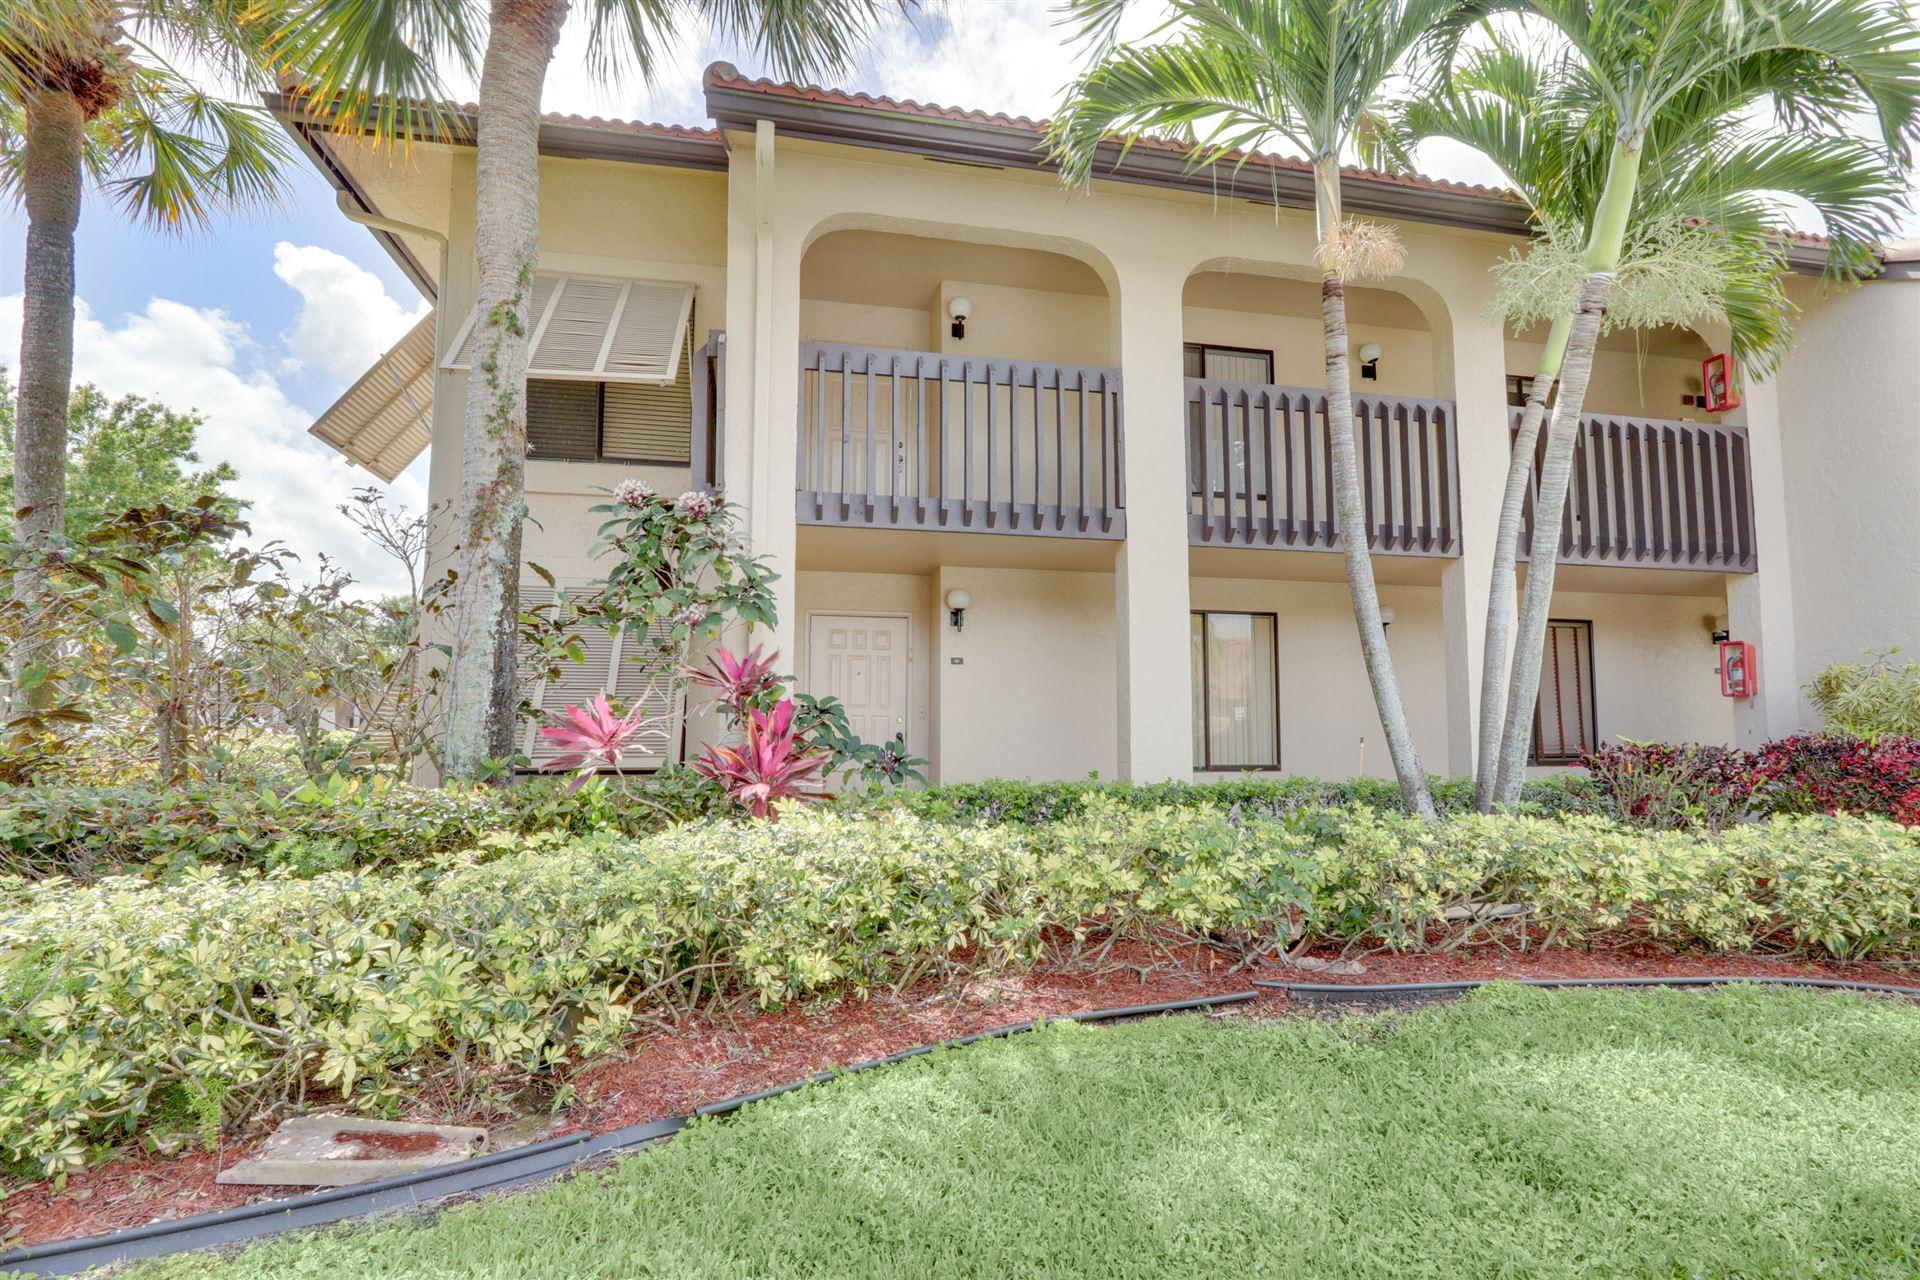 10101 Mangrove Drive #101, Boynton Beach, FL 33437 - #: RX-10606047